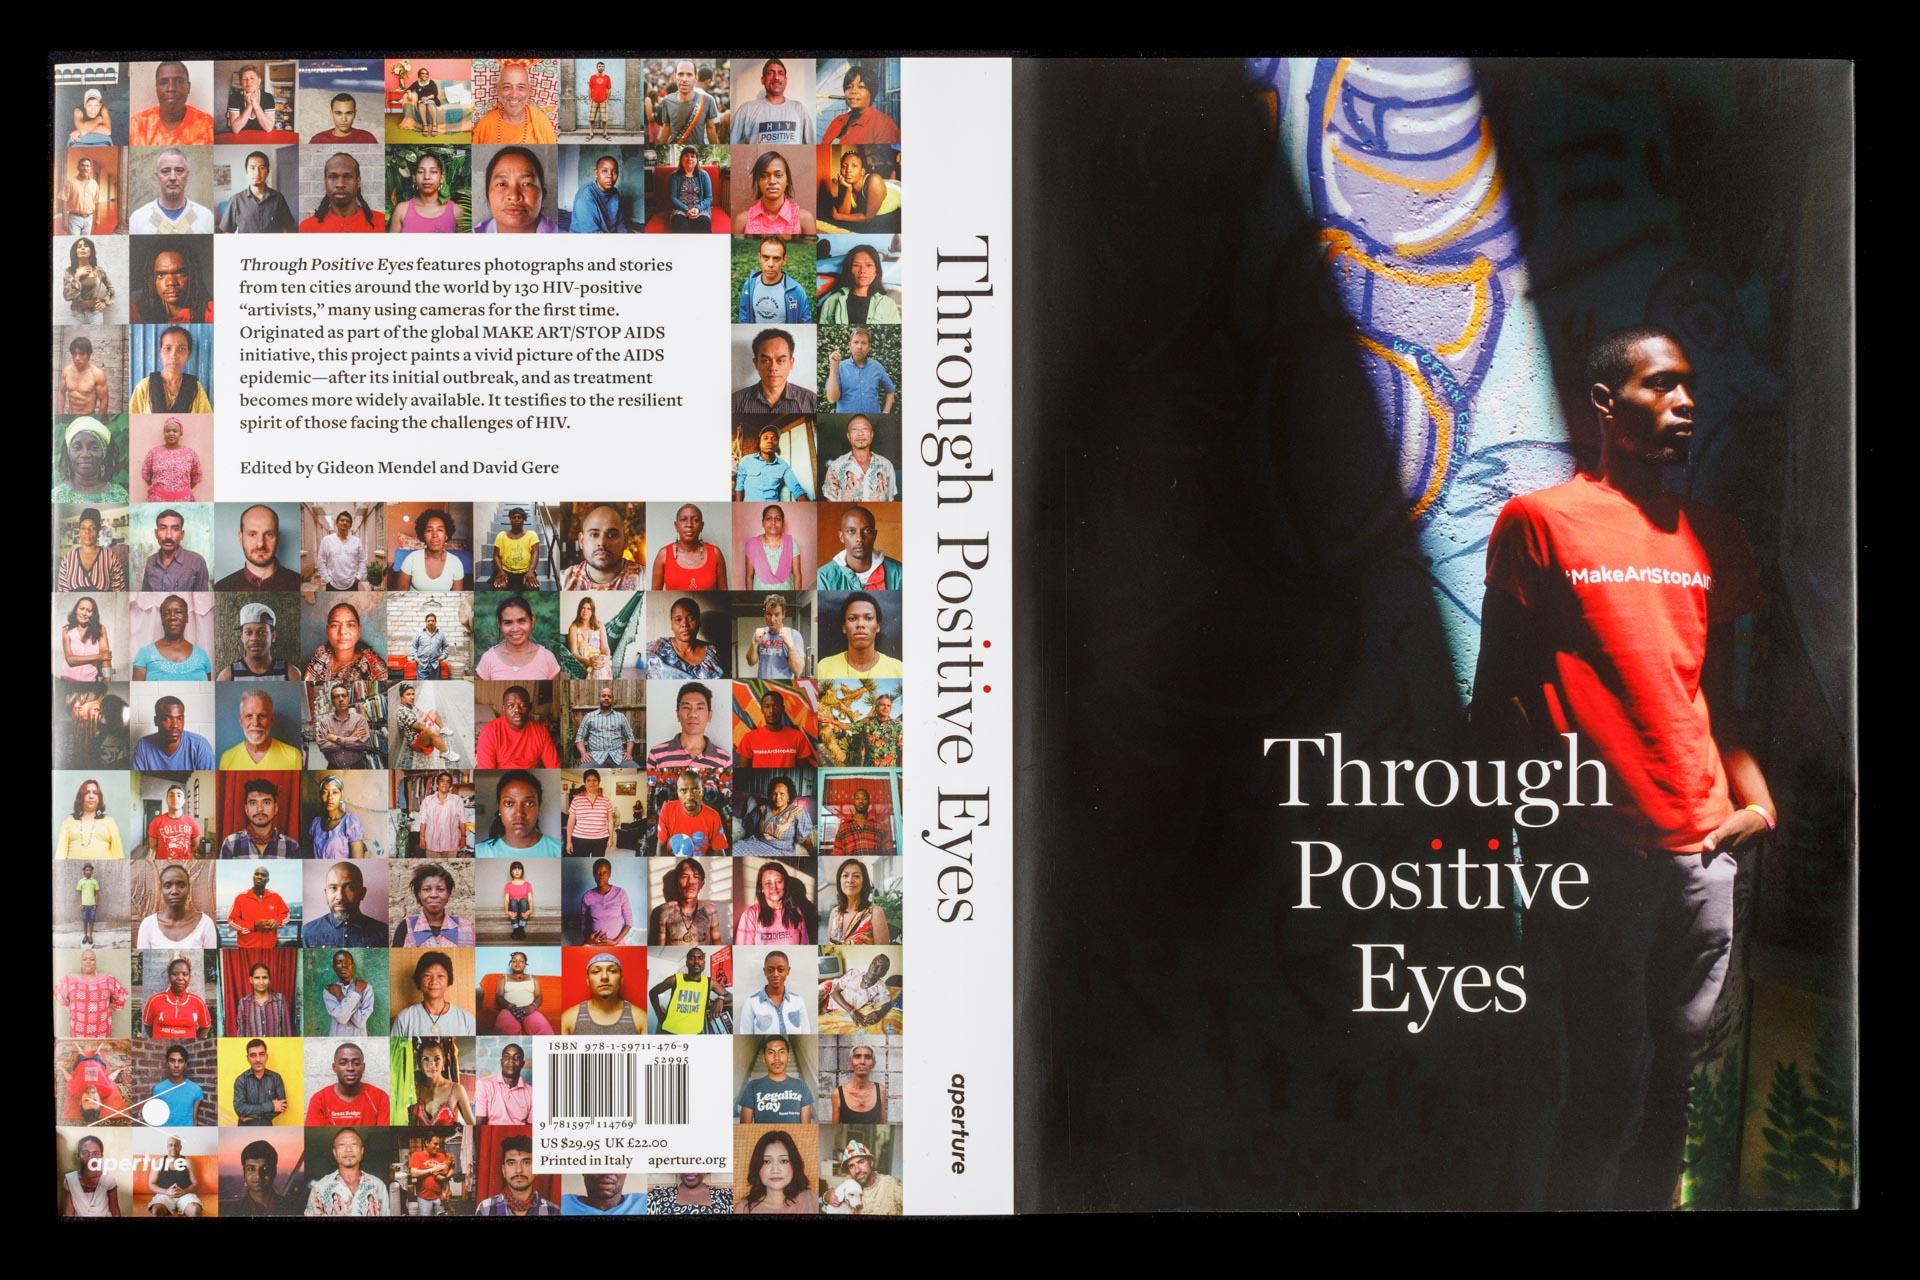 TPE Book, Through Positive Eyes